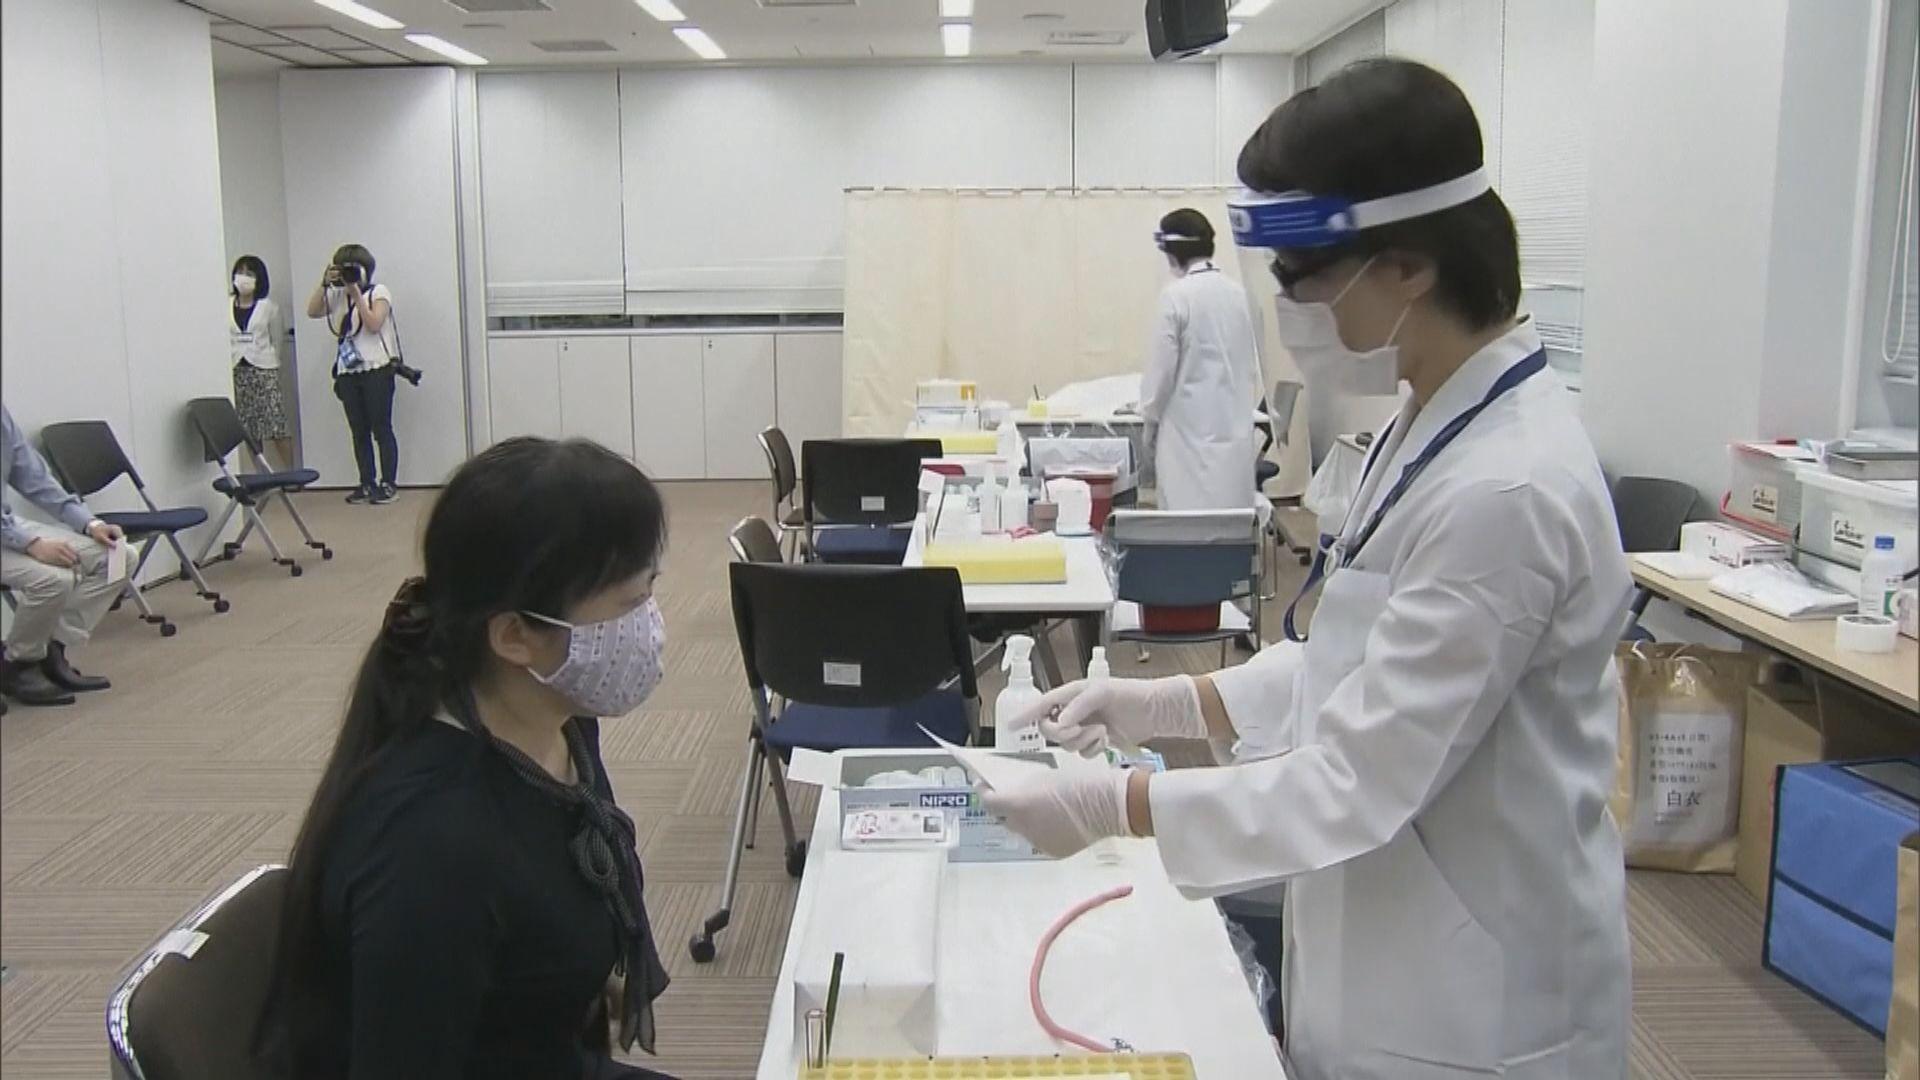 日本疫情持續 政府呼籲企業容許員工在家工作